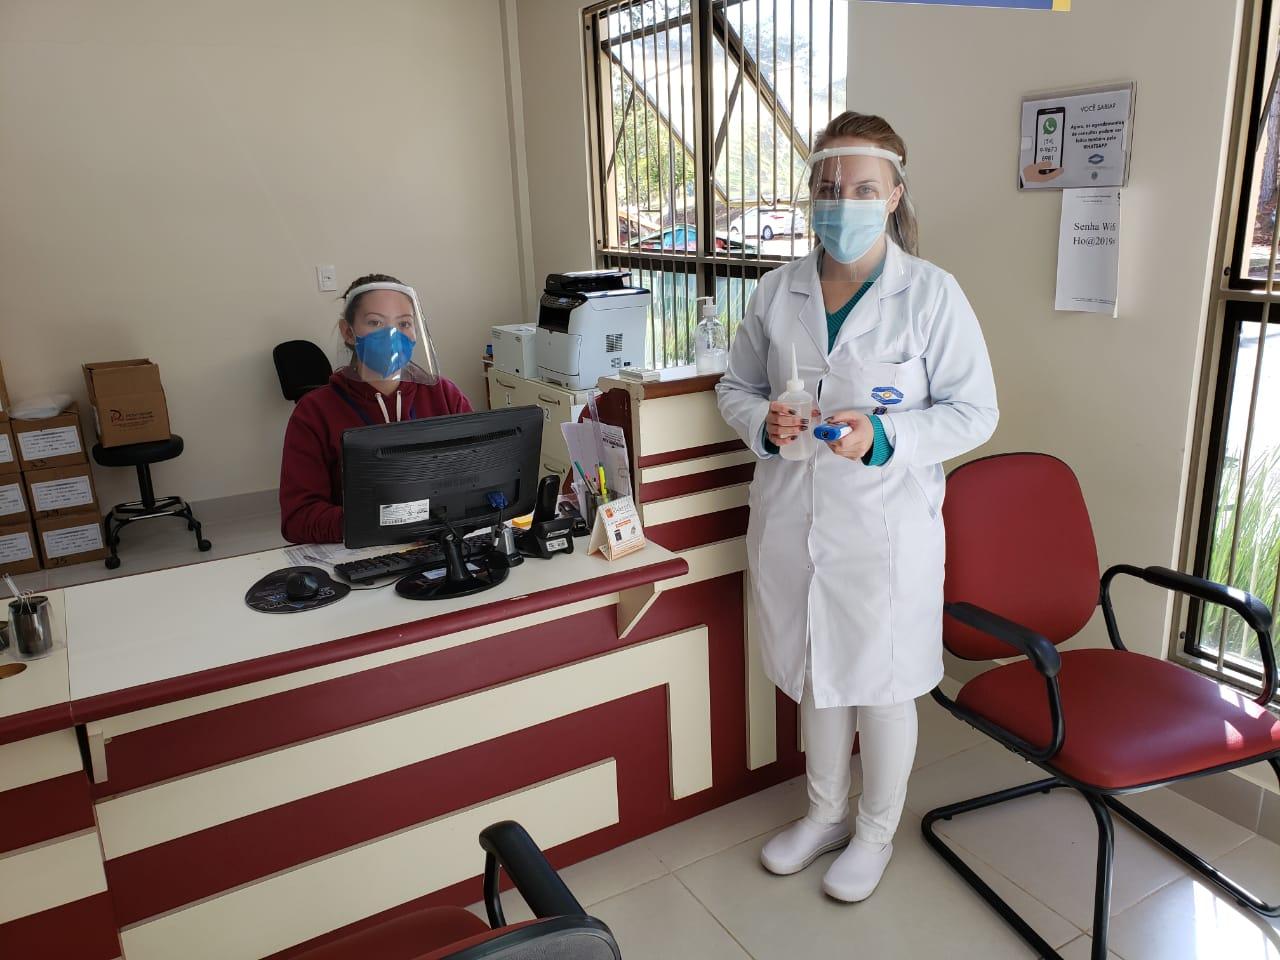 Novas medidas de segurança garantem atendimento de pacientes no Hospital de Olhos Lions